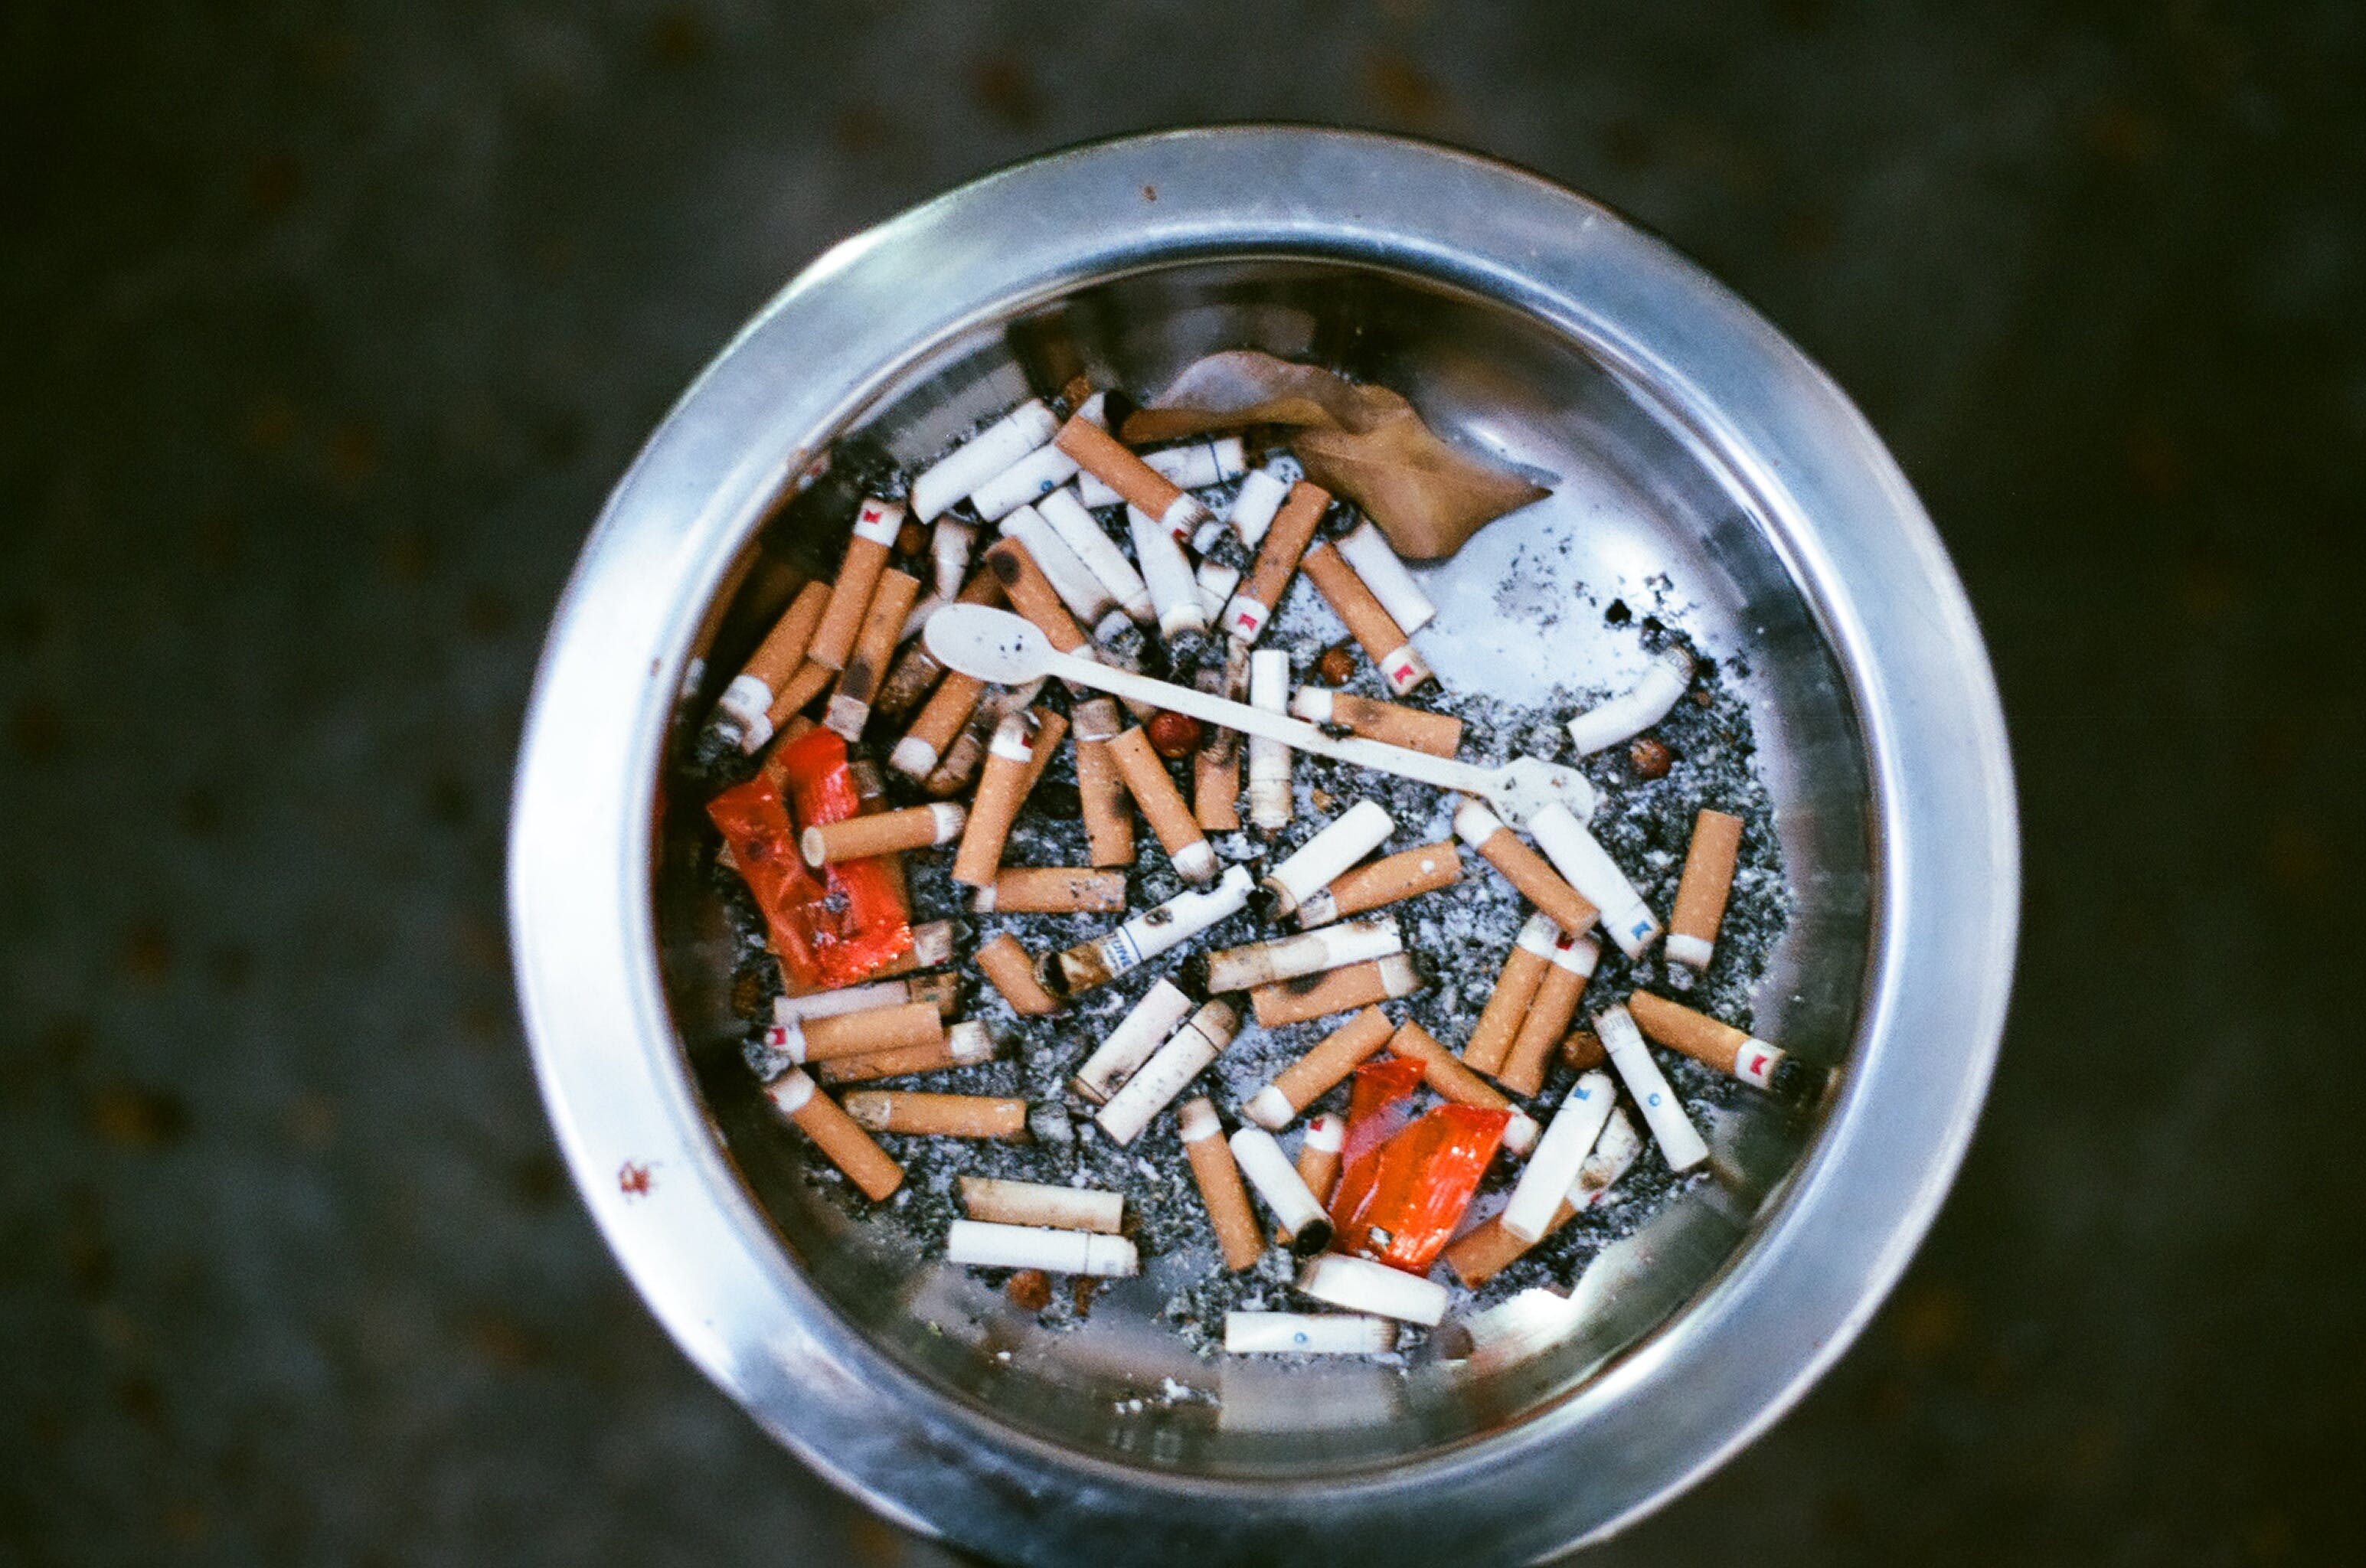 Free stock photo of cigarette, cigarette butt, dirt, smoke